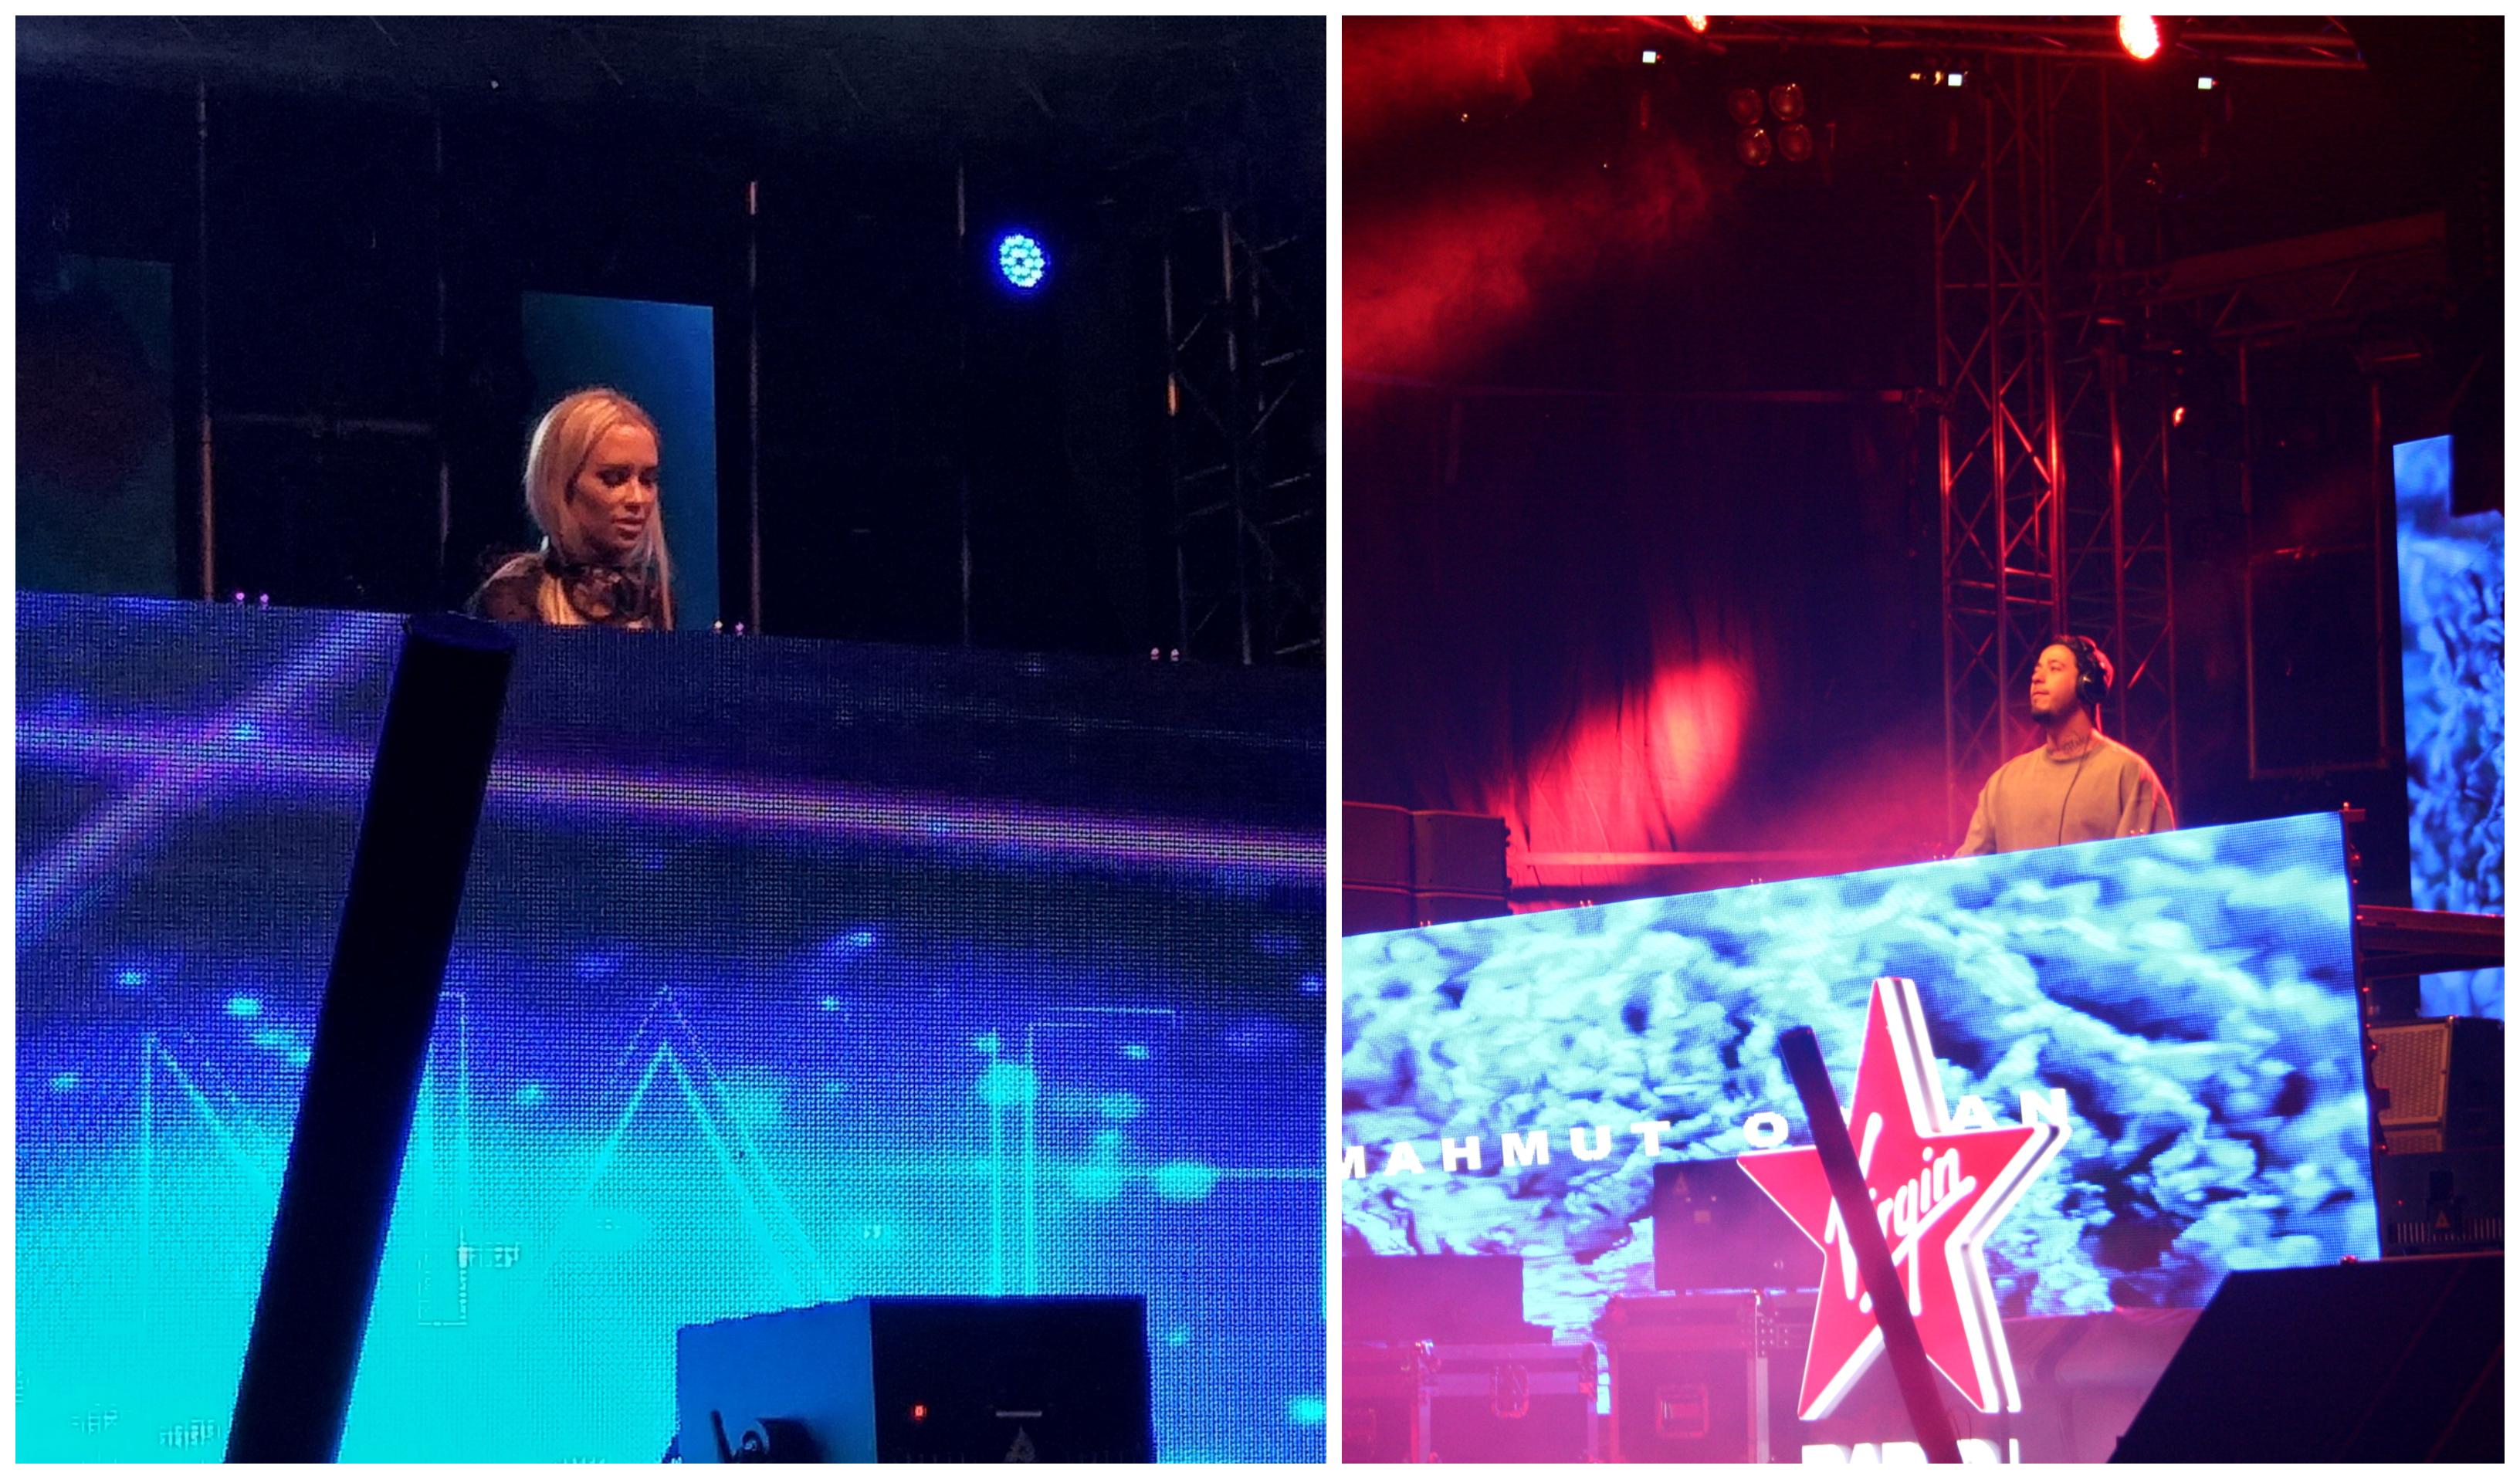 Frumoasa MATTN și Mahmut Orhan au făcut un show INCENDIAR în a doua zi a festivalului Arad Open Air (GALERIE FOTO)